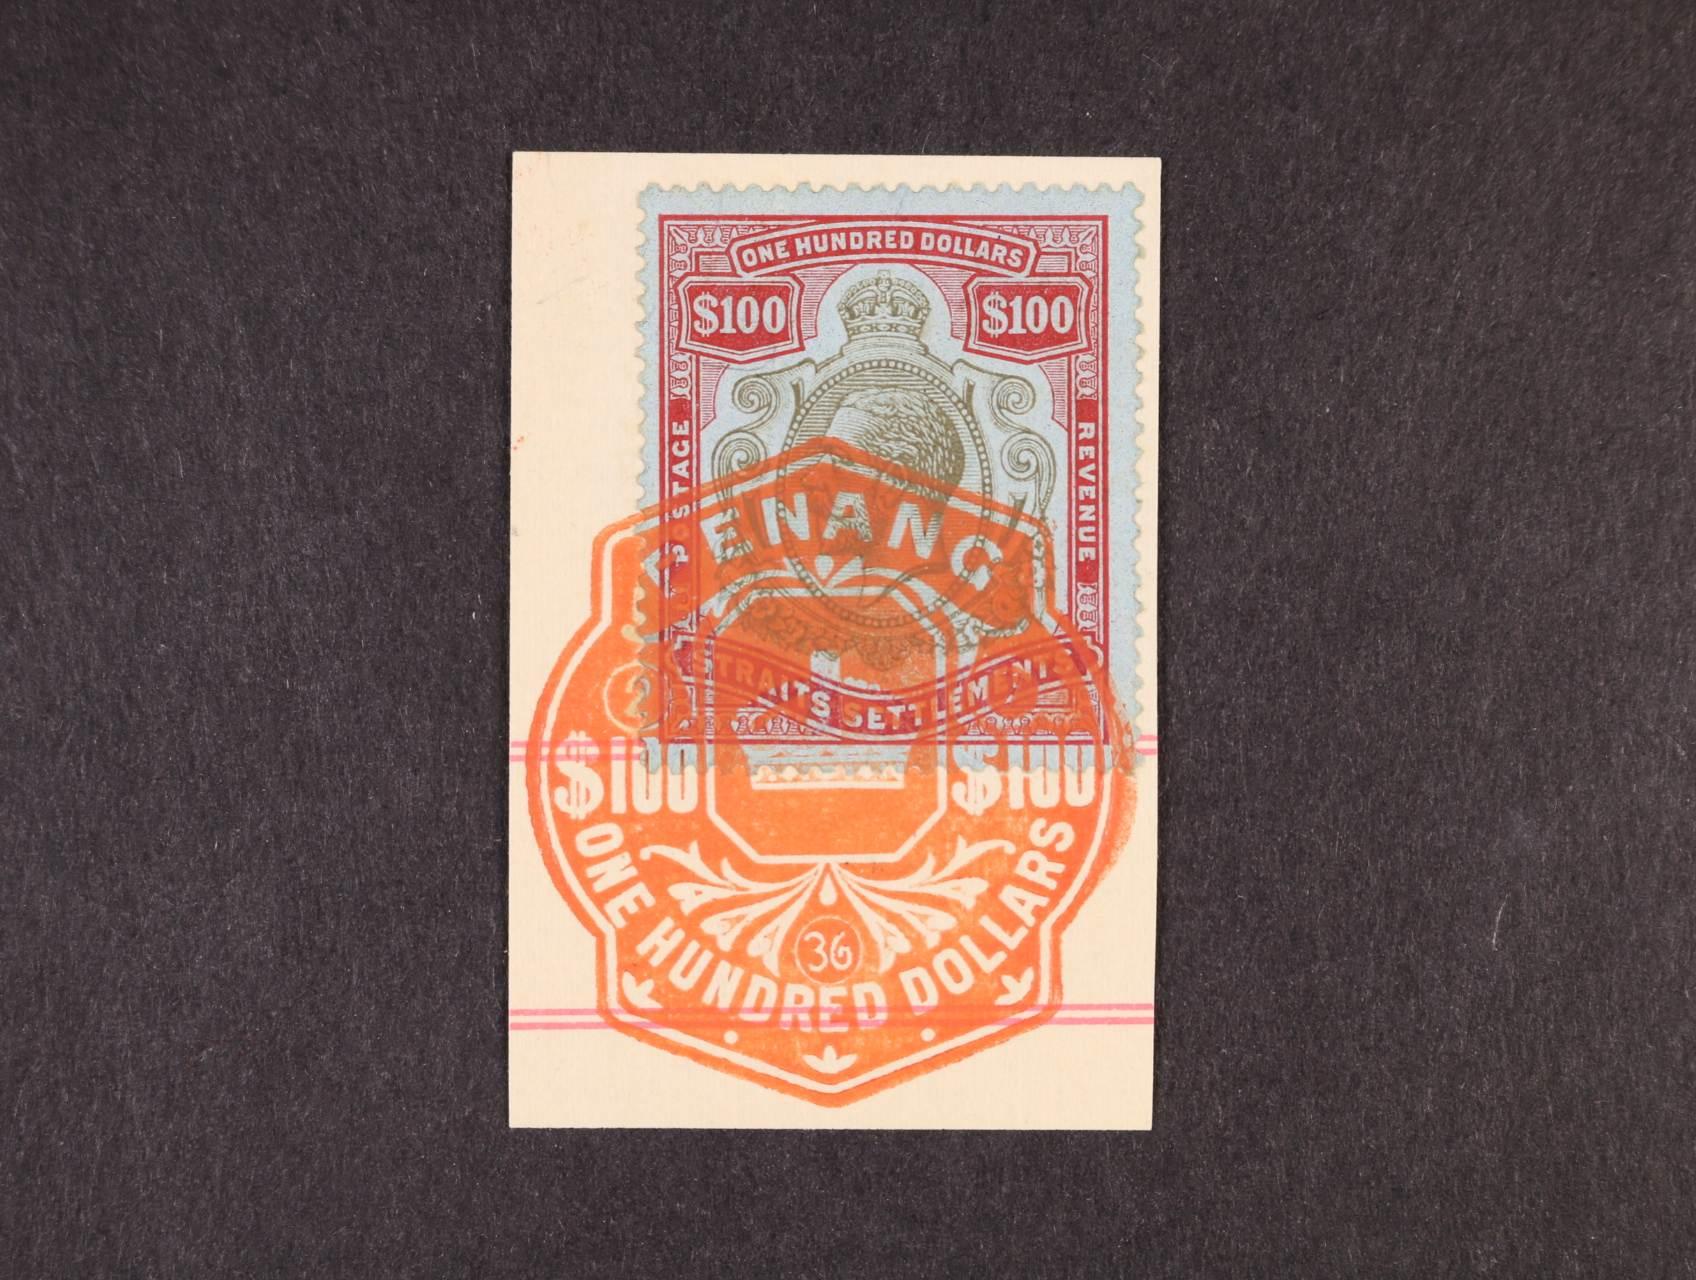 Straits Settlements - SG.214, Jiří V. 100$ černá a karmínová, na výstřižku, použitá ve státě PENANG!, vzácné, bezvadná kvalita